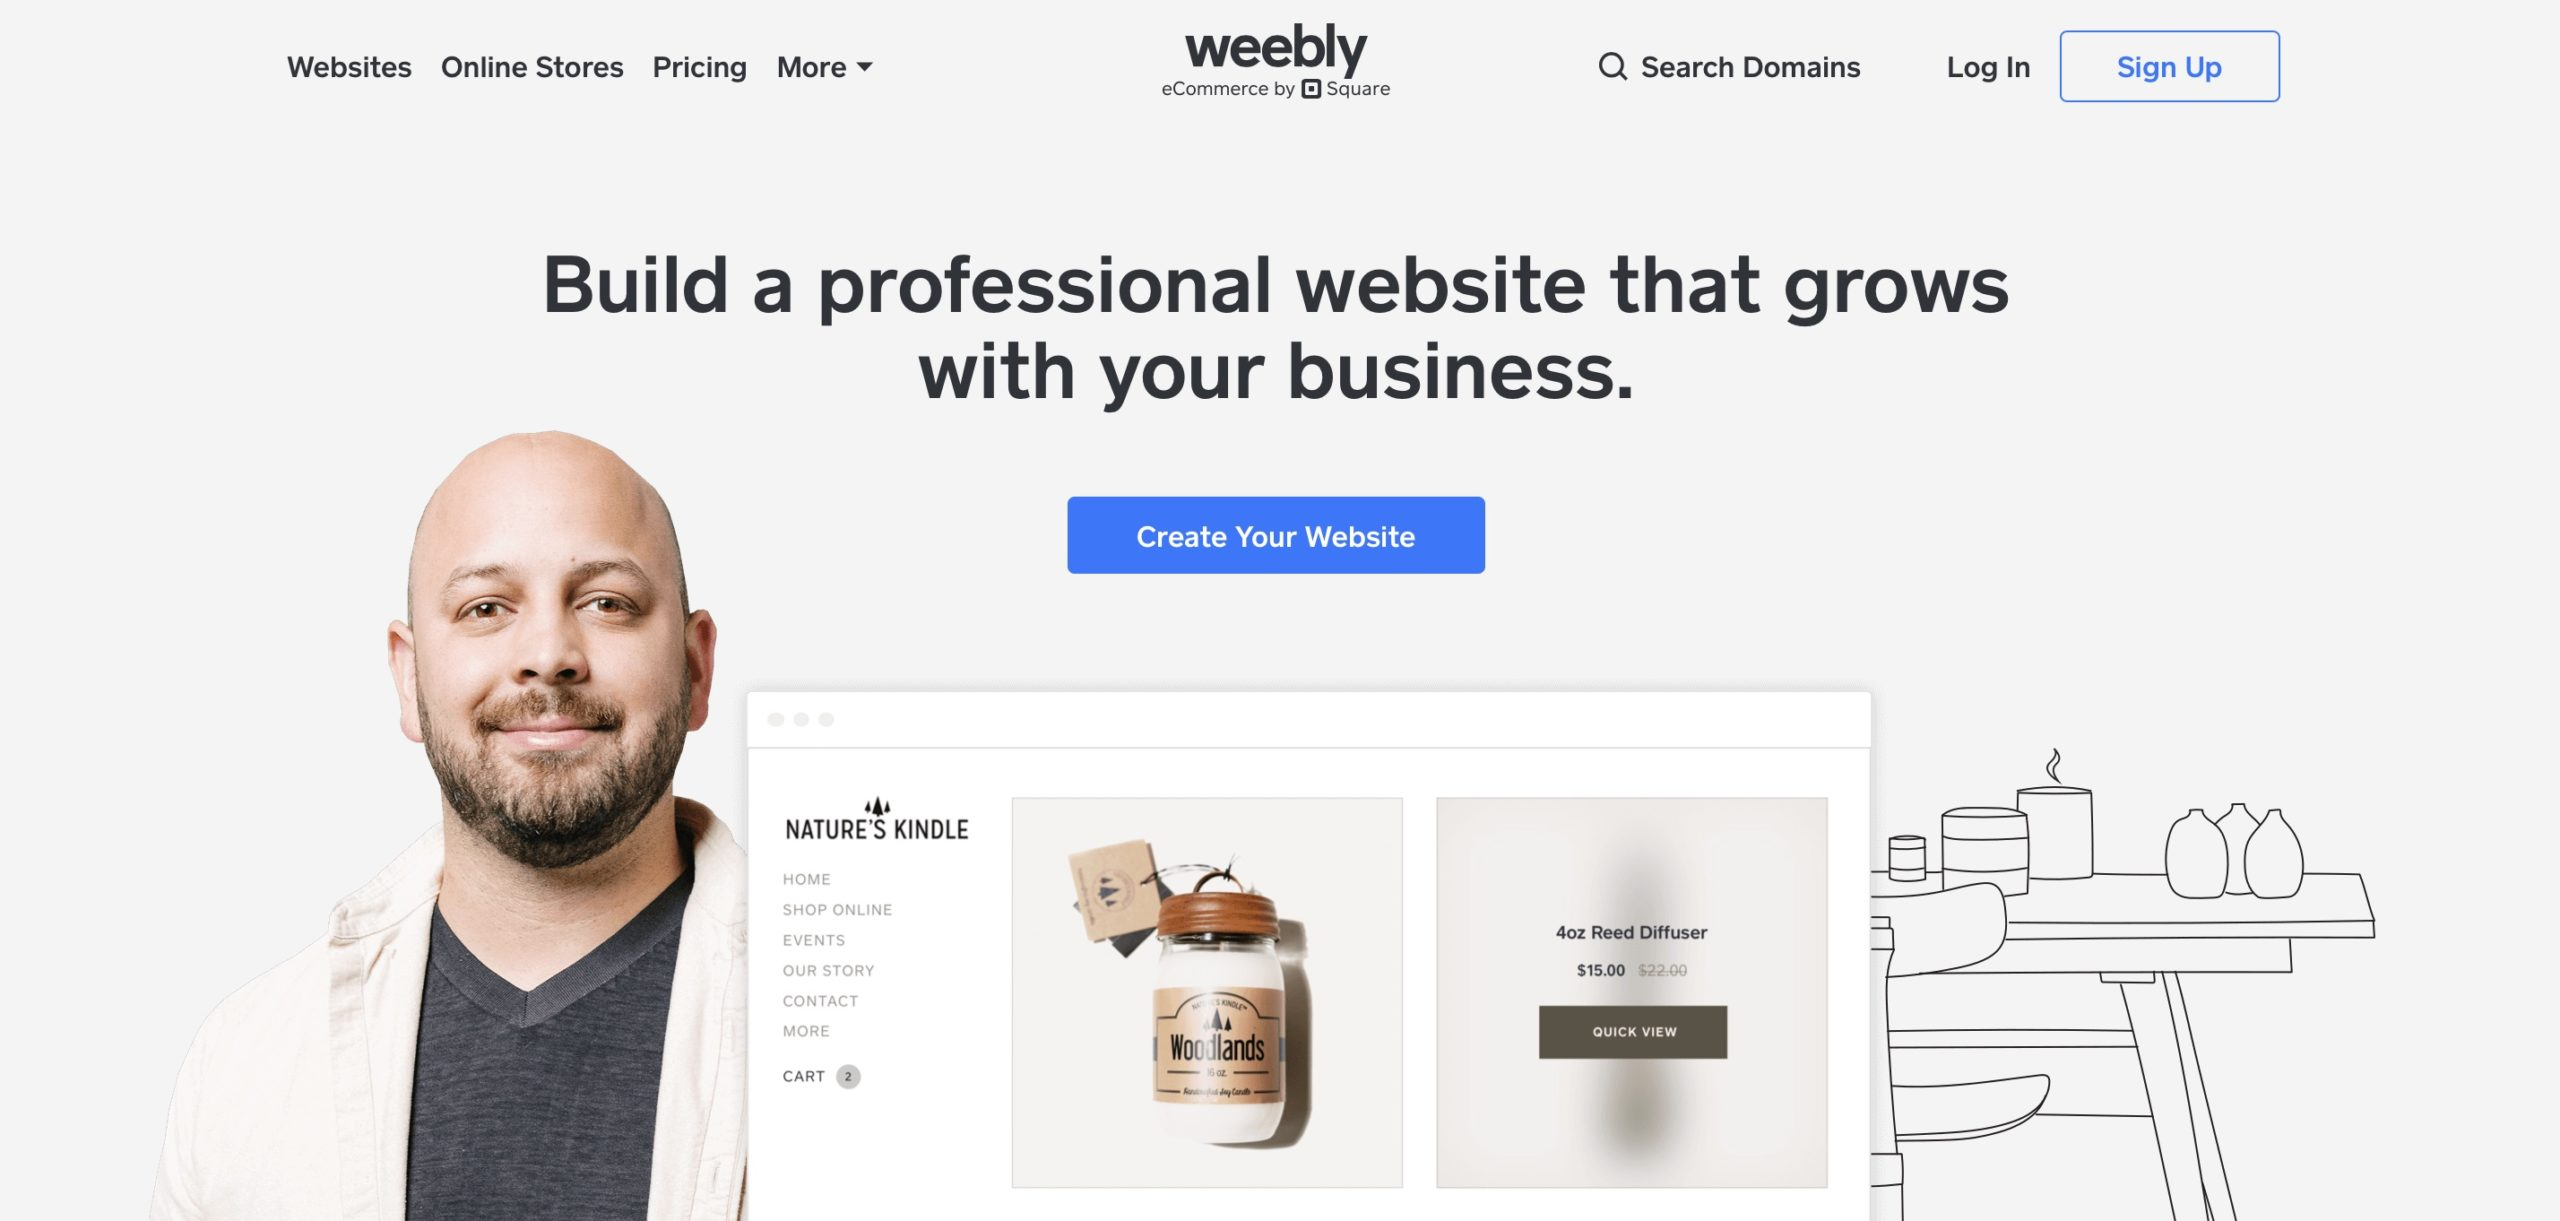 Weebly website builder homepage screenshot